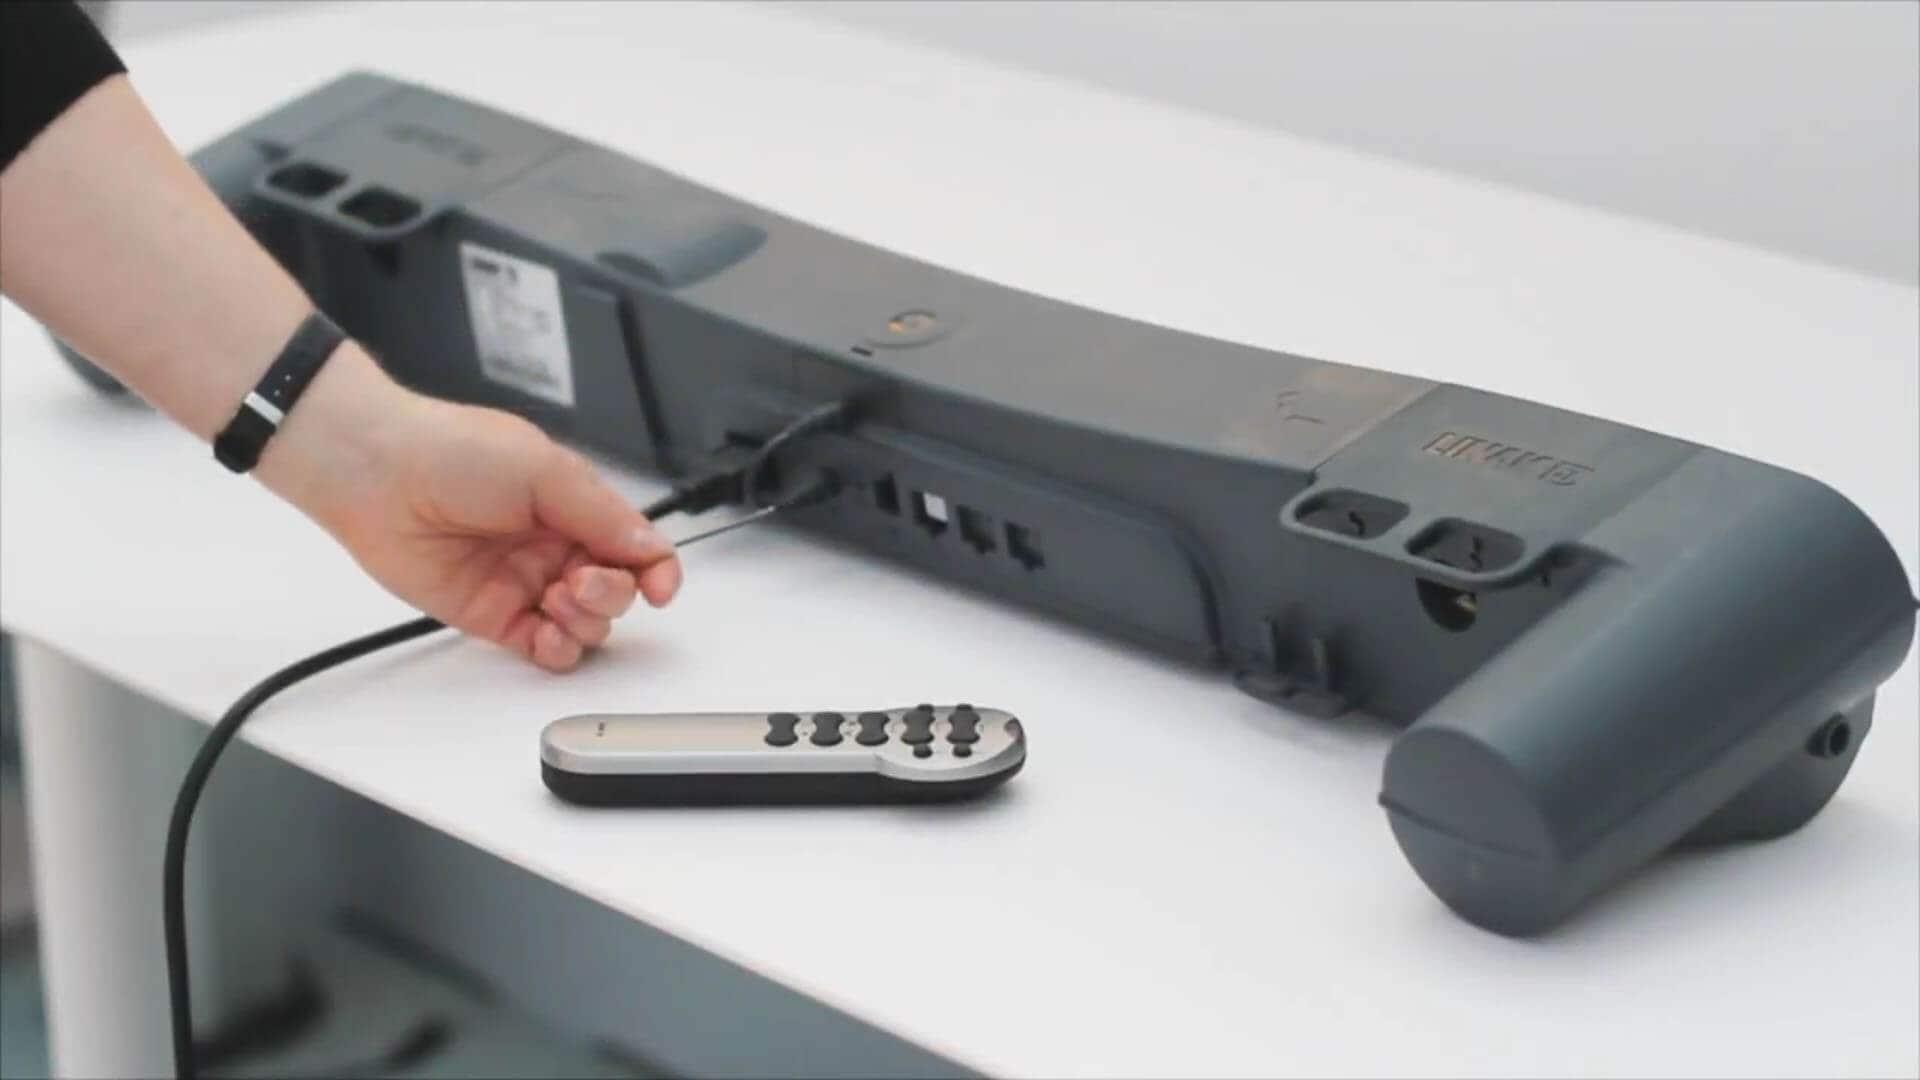 TD3 – Radyo frekansı ile çalışan el kumandaları nasıl ayarlanır?